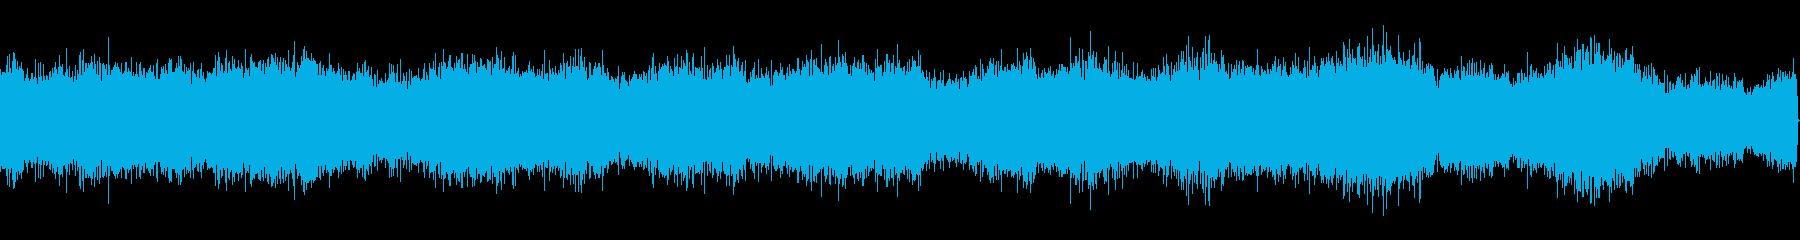 北海道虫の声(夏)の再生済みの波形